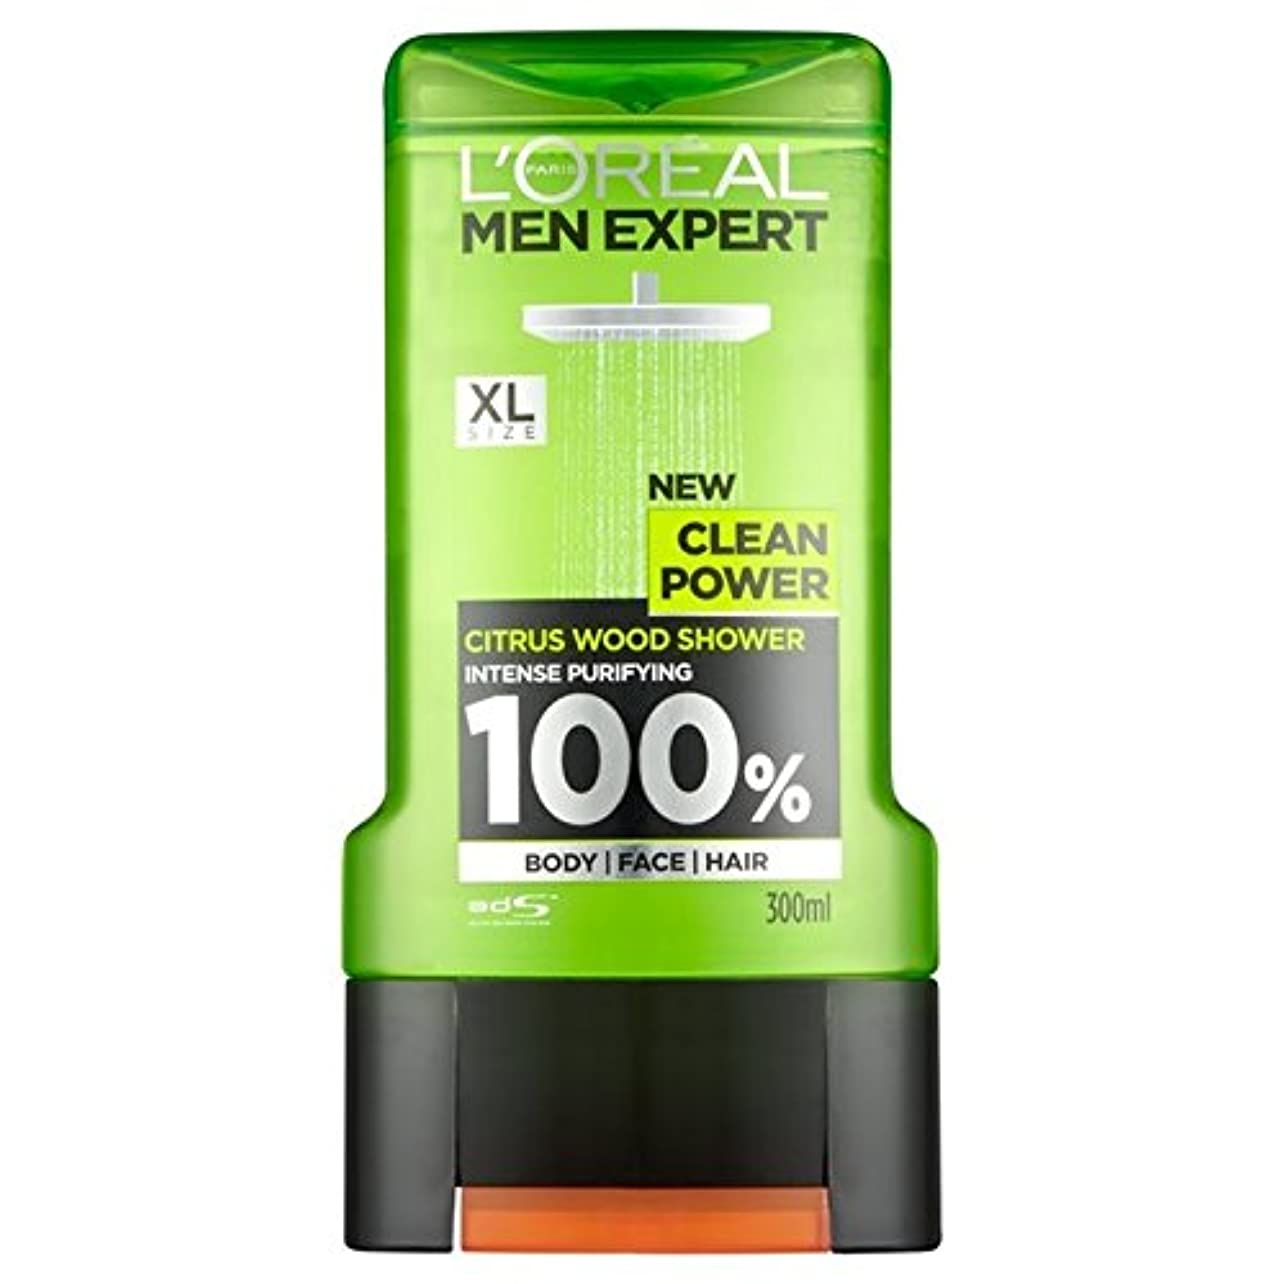 極めて広々チャペルロレアルパリの男性の専門家クリーンパワーシャワージェル300ミリリットル x4 - L'Oreal Paris Men Expert Clean Power Shower Gel 300ml (Pack of 4) [並行輸入品]